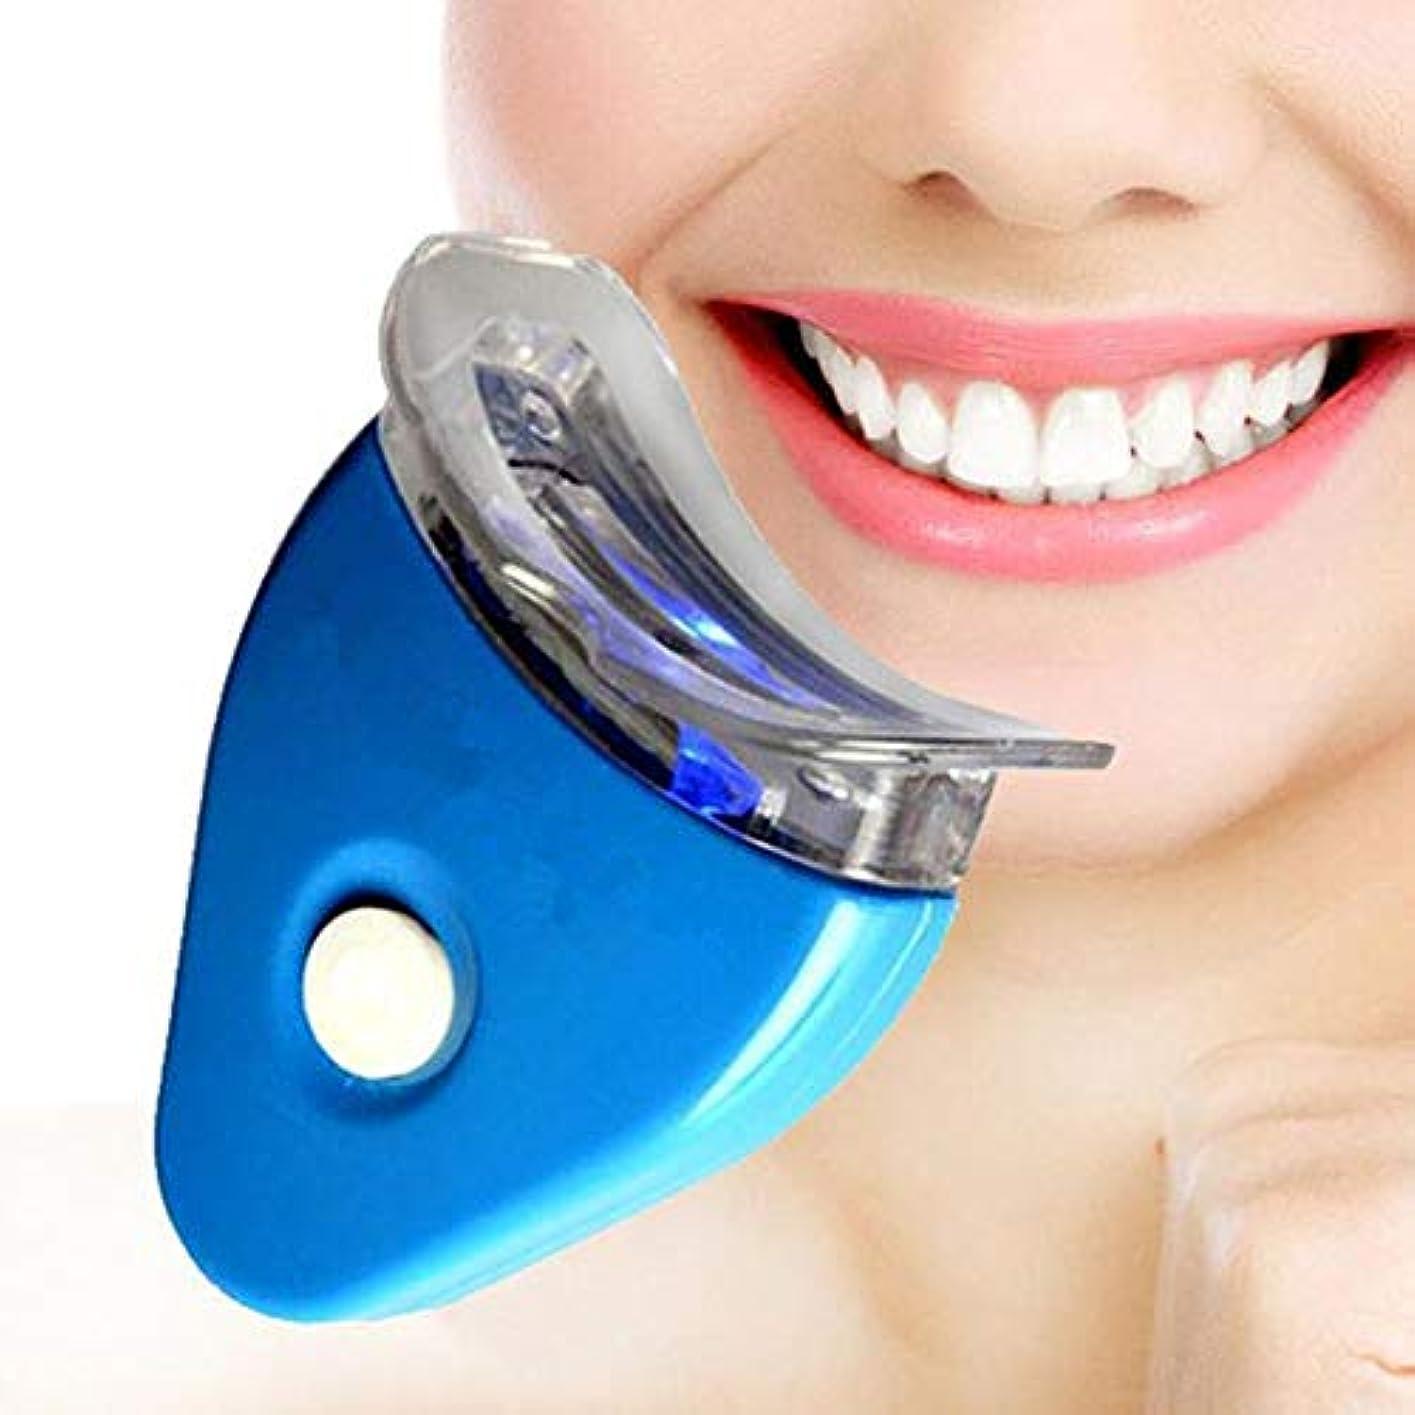 船形一貫したチャーム歯のホワイトニングキット、歯磨き粉漂白健康な口腔ケア歯磨き粉個人用歯科キット/健康な口腔ケア、LEDライト付き